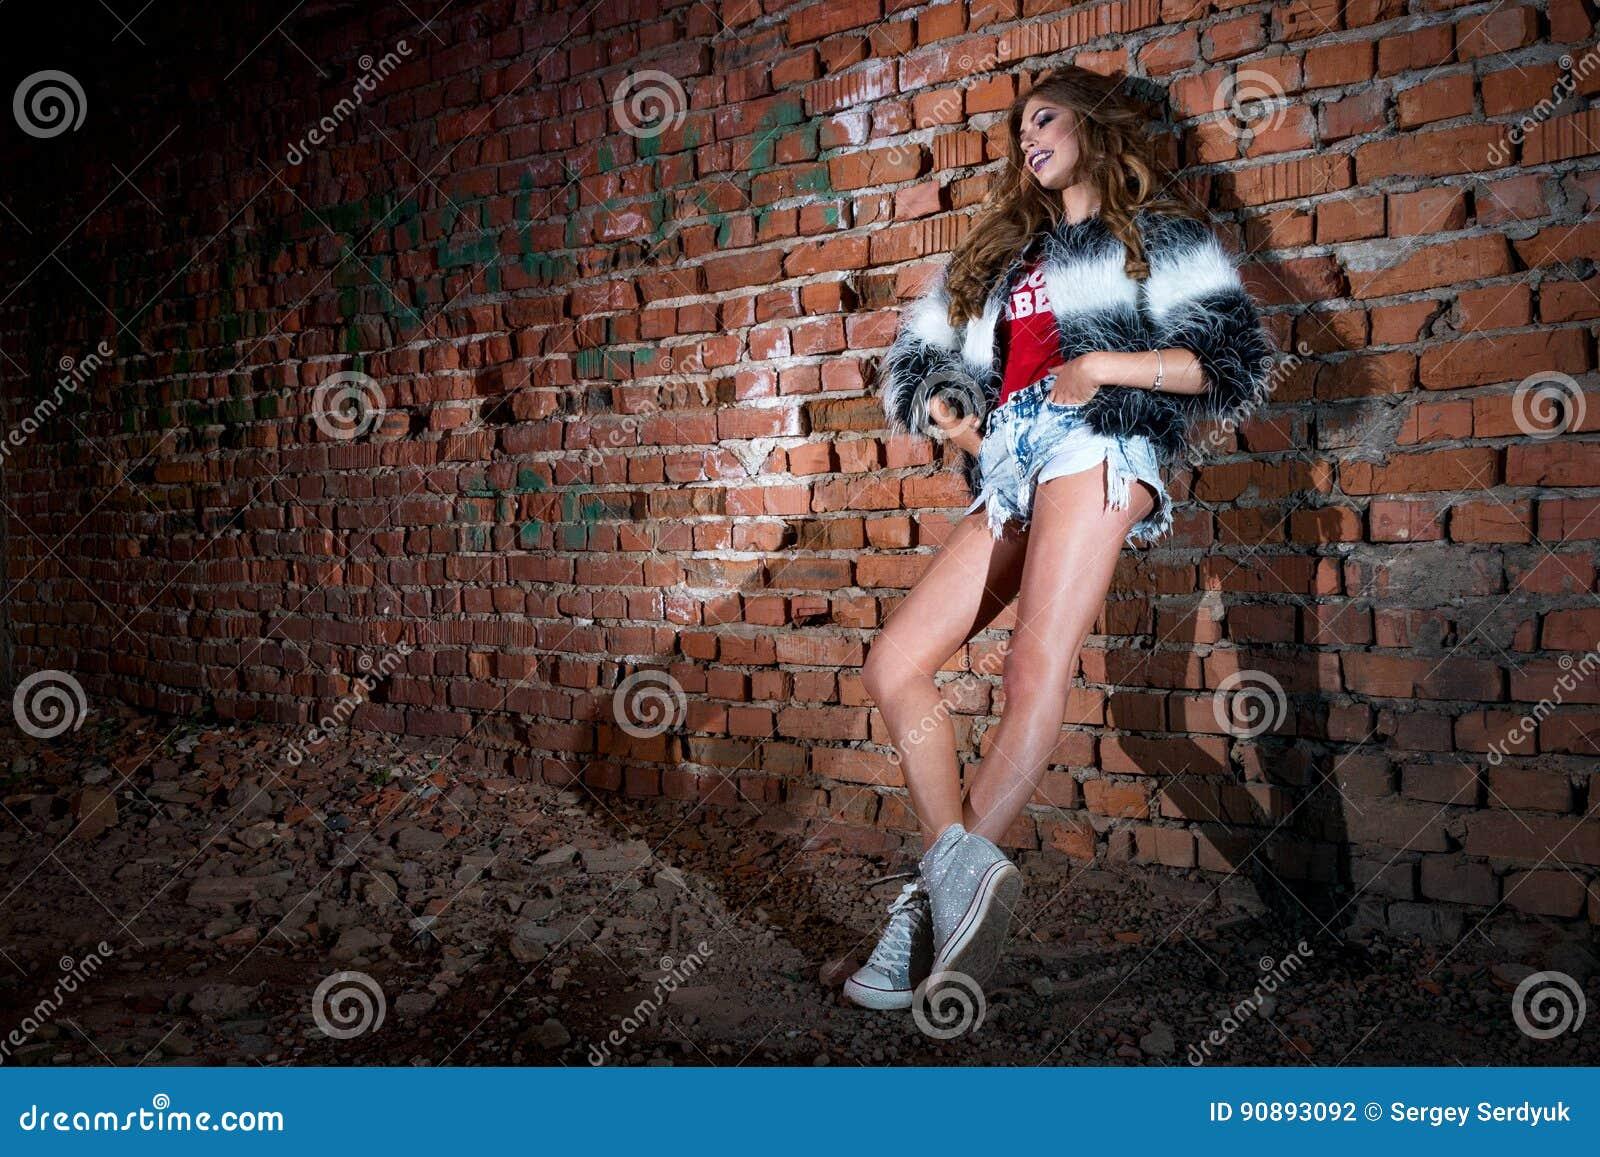 Alla Con Moda Una Fresca Ragazza Corti Pantaloncini In PZNwOXk8n0